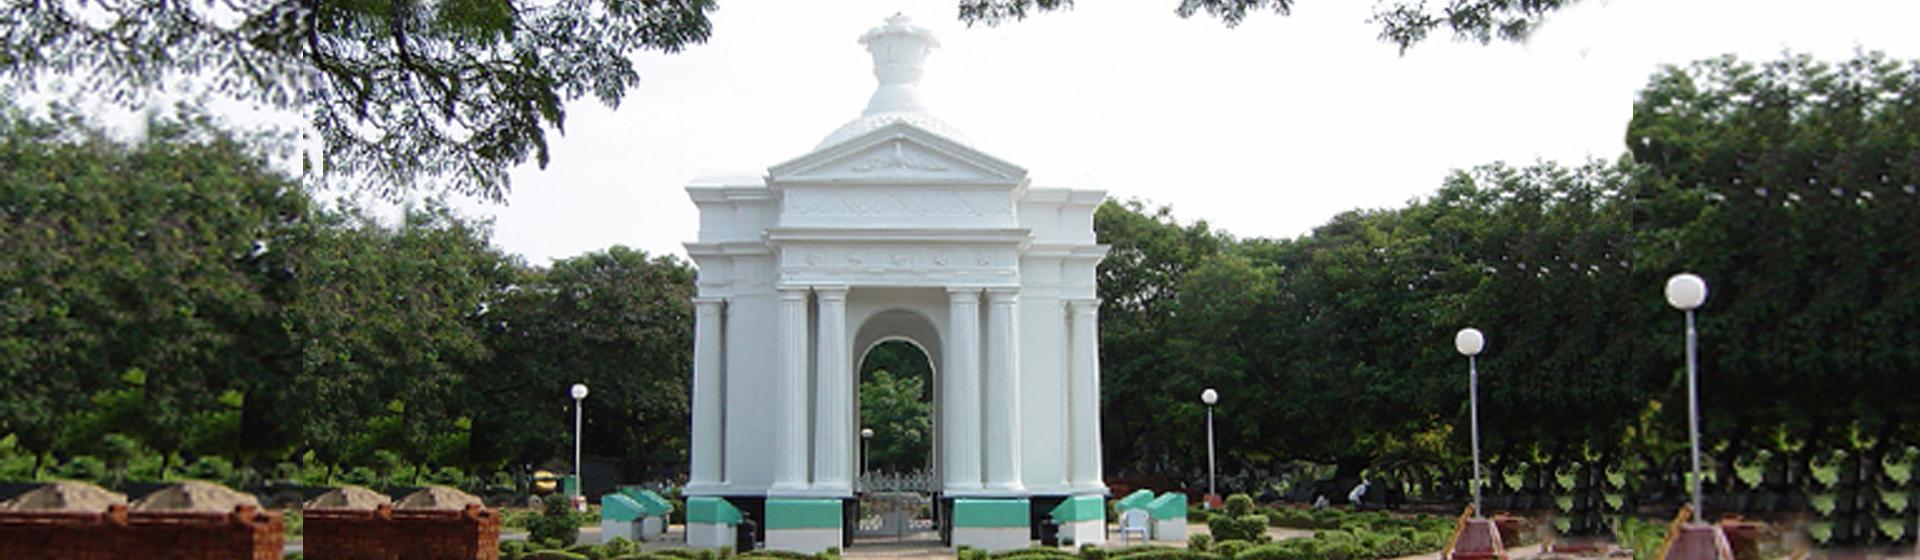 Aayi Mandapam Image